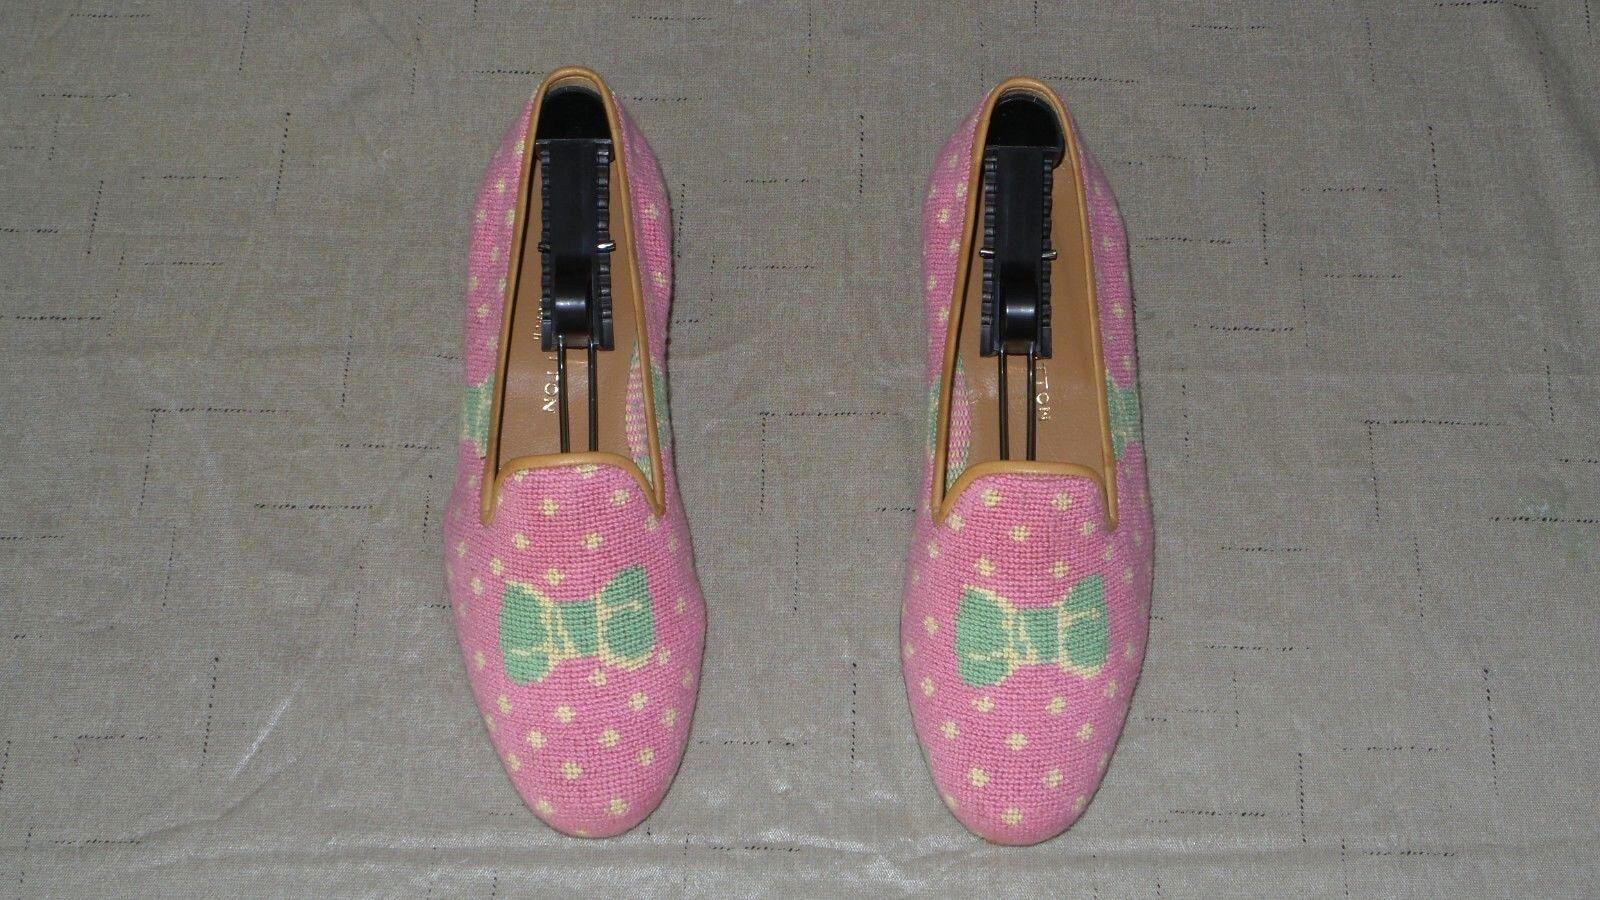 Lindo  Mujer  450 Stubbs and wootton Bordado Bordado Bordado  dotado  Zapatillas Mocasines Zapato  el mejor servicio post-venta